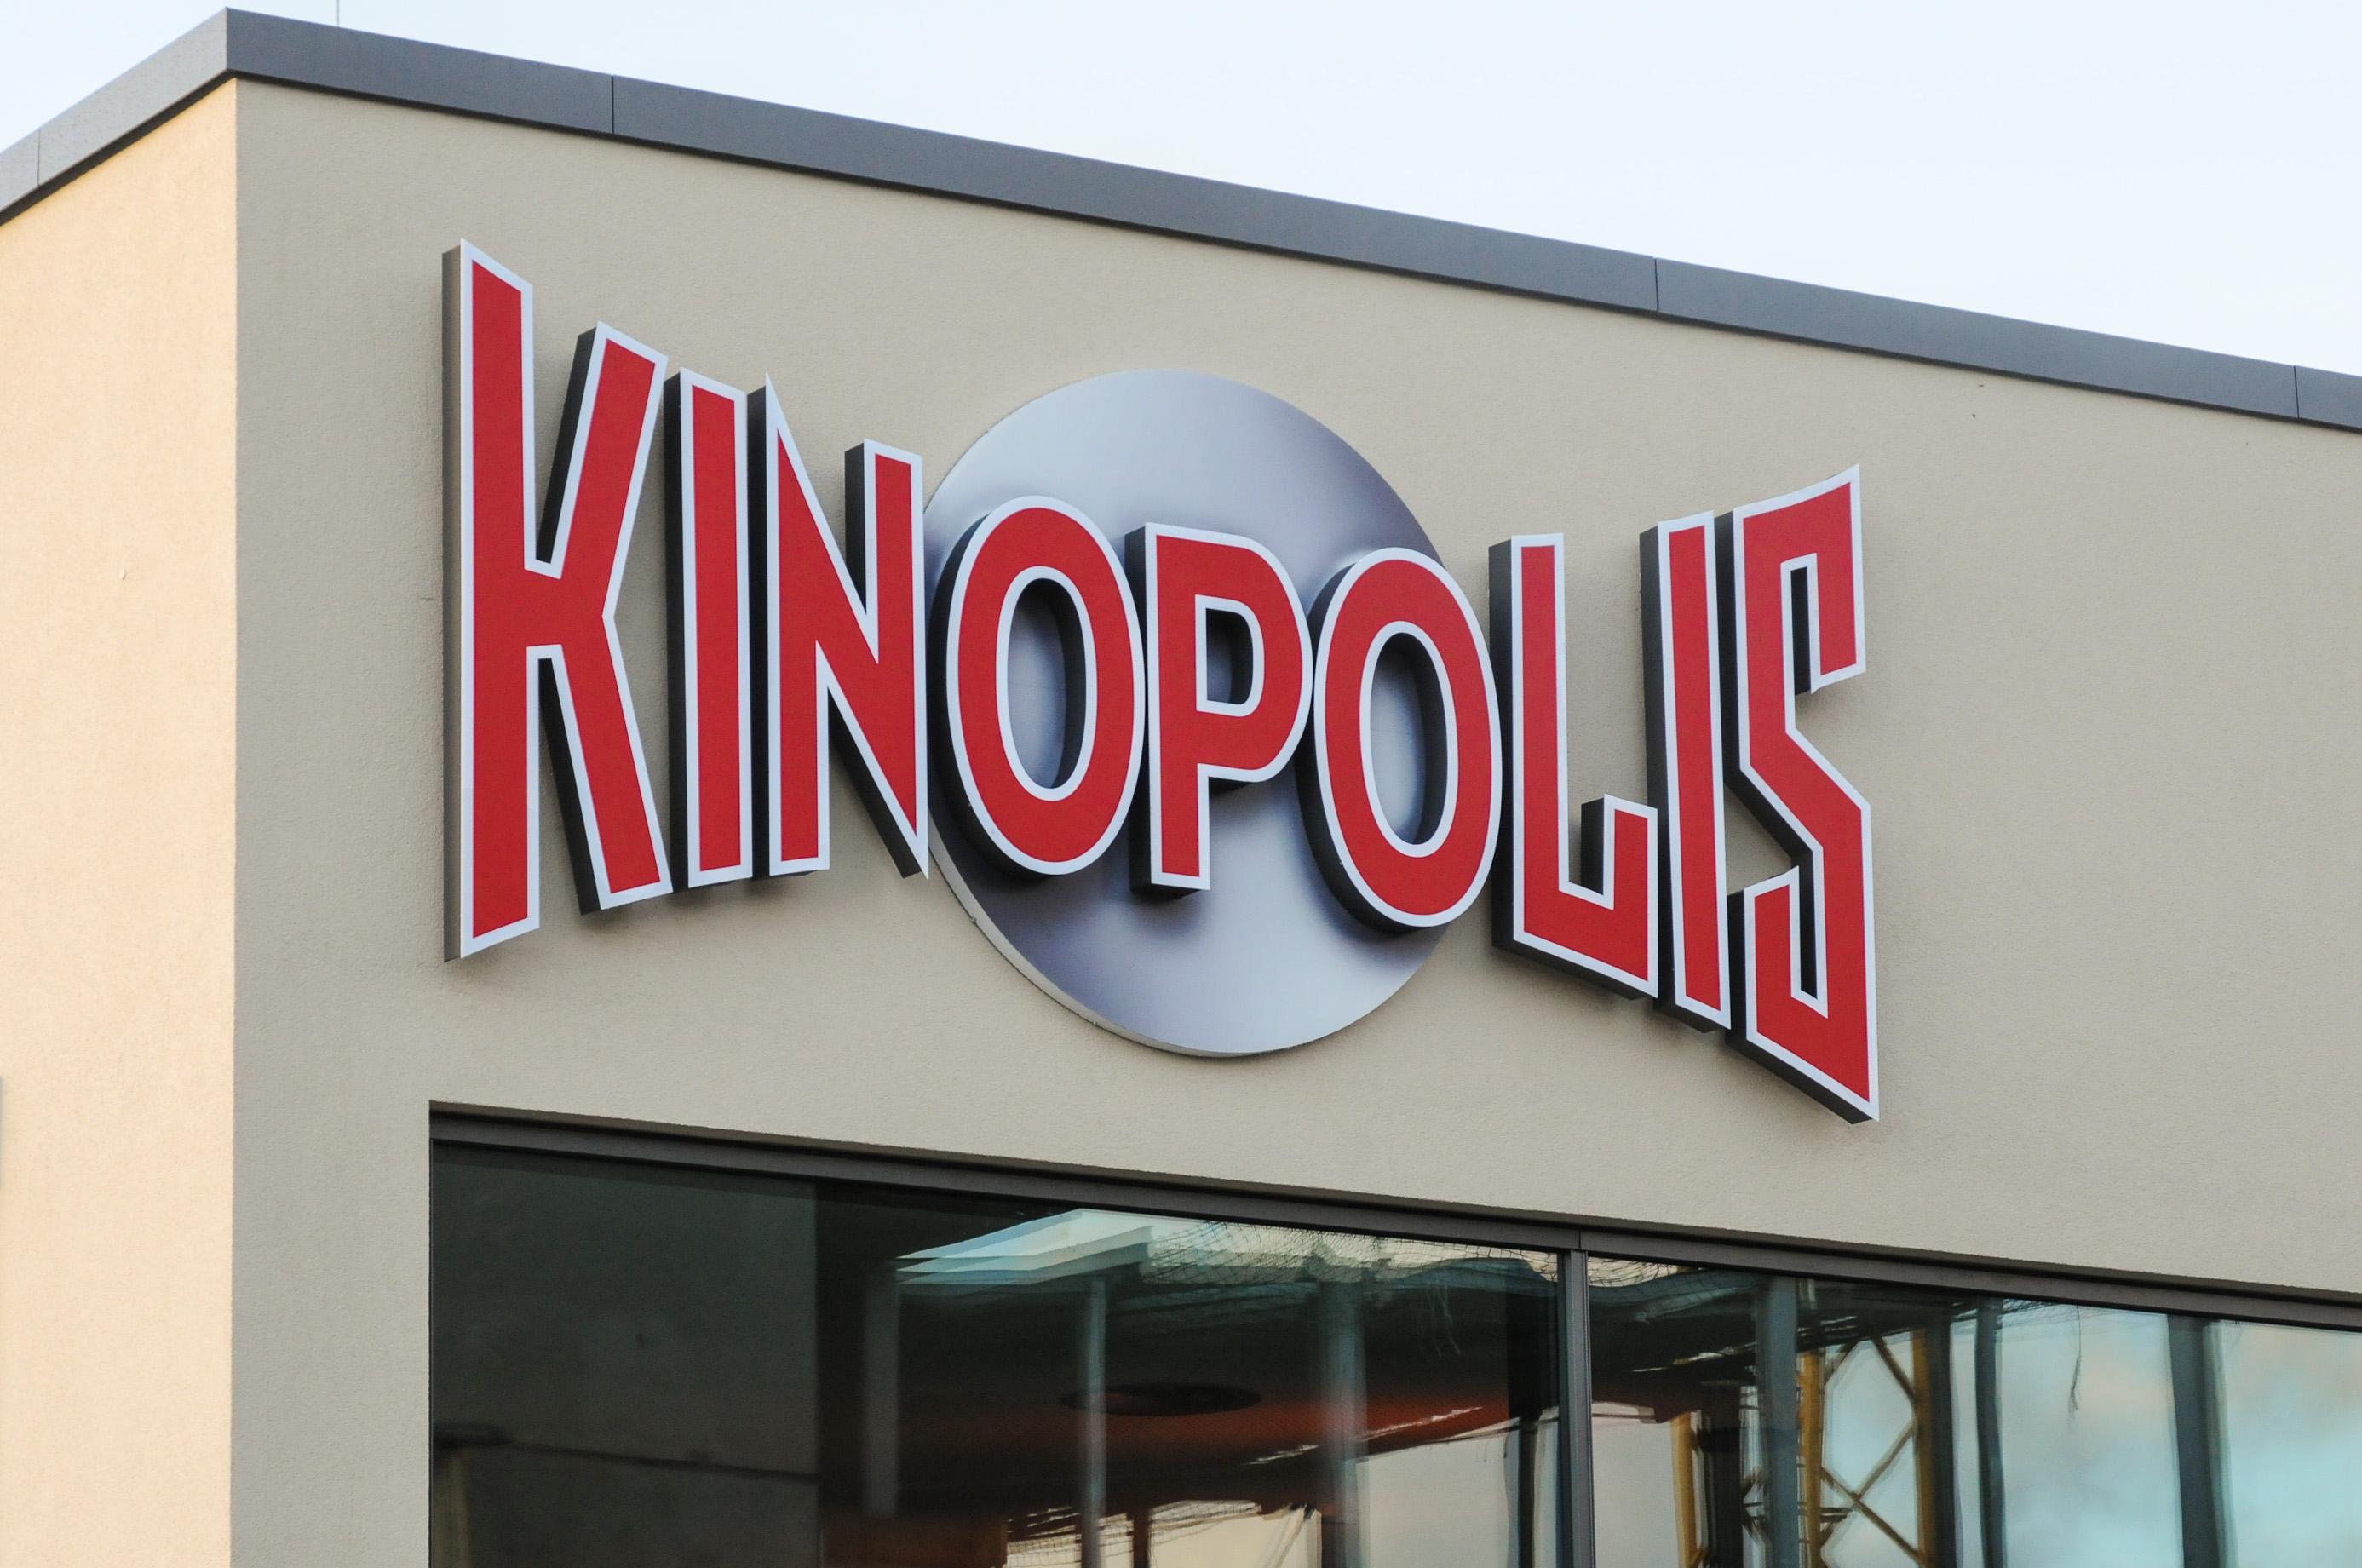 Konopolis